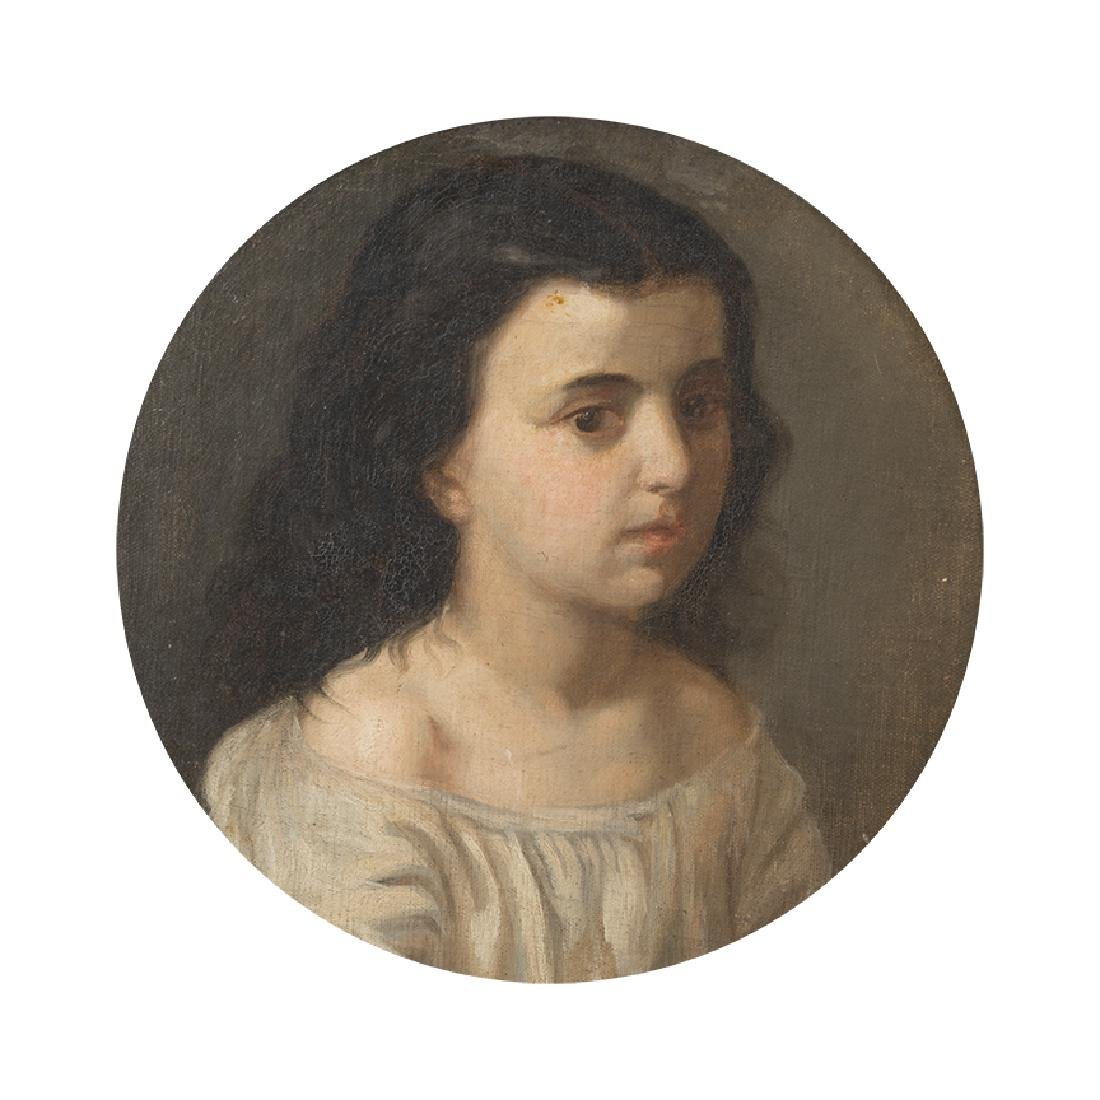 NICOLAS NICOLAIÉVITCH GAY (1831-1894),